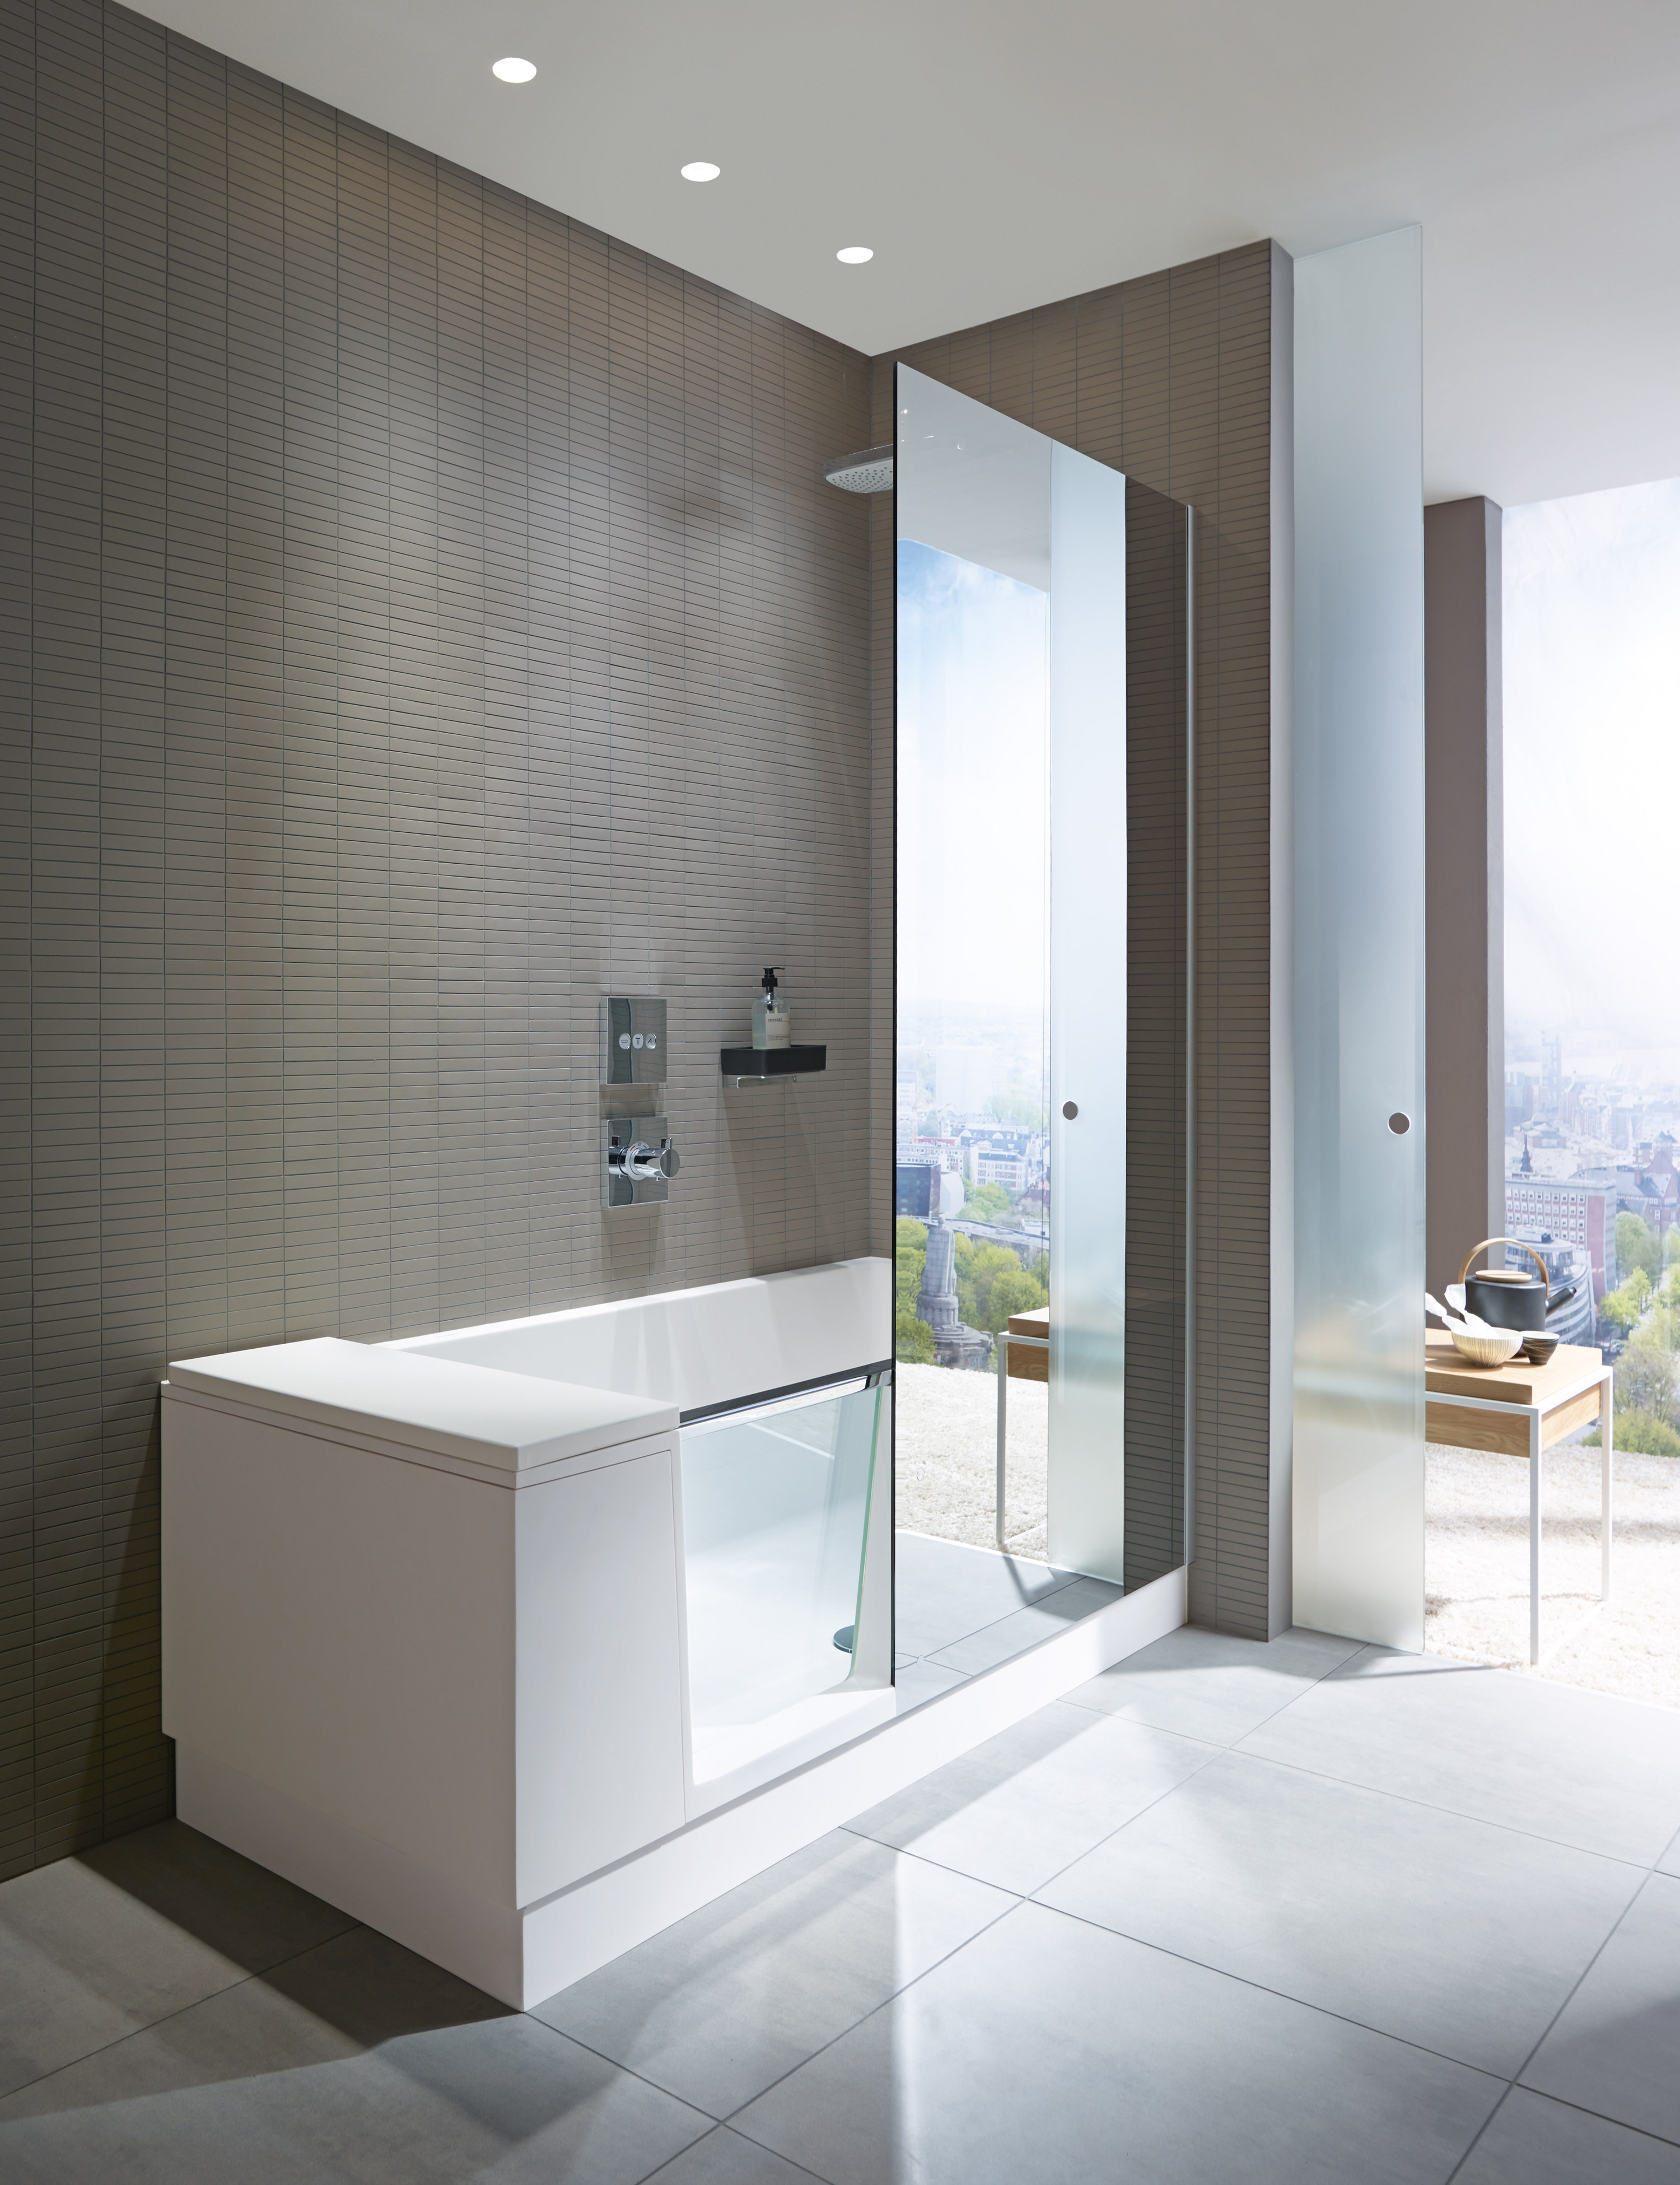 shower bath duravit. Black Bedroom Furniture Sets. Home Design Ideas